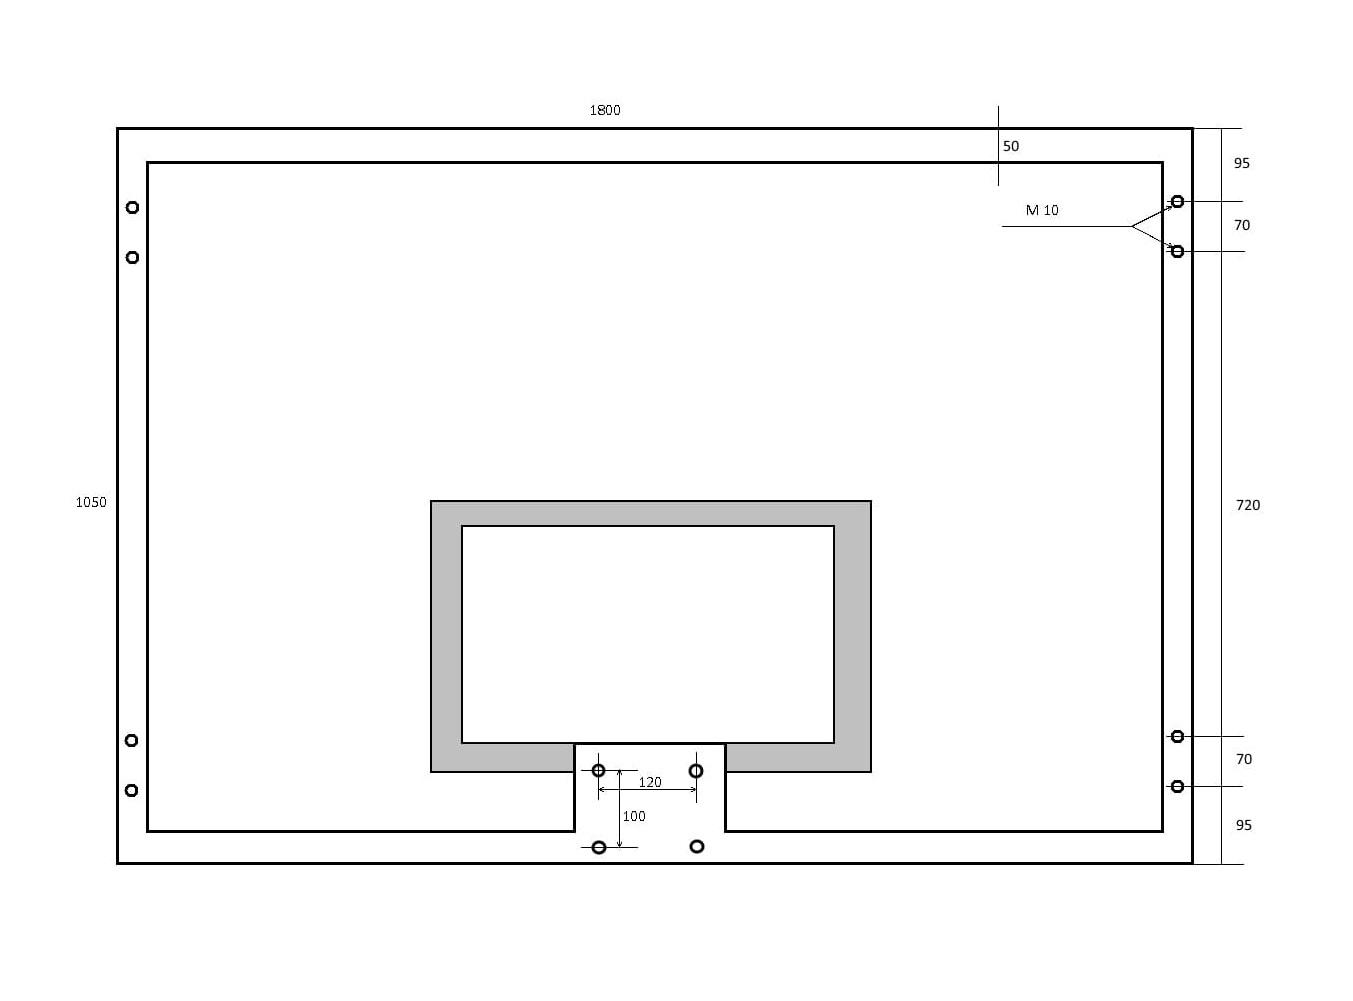 Щит баскетбольный с закаленным стеклом - схема и размеры